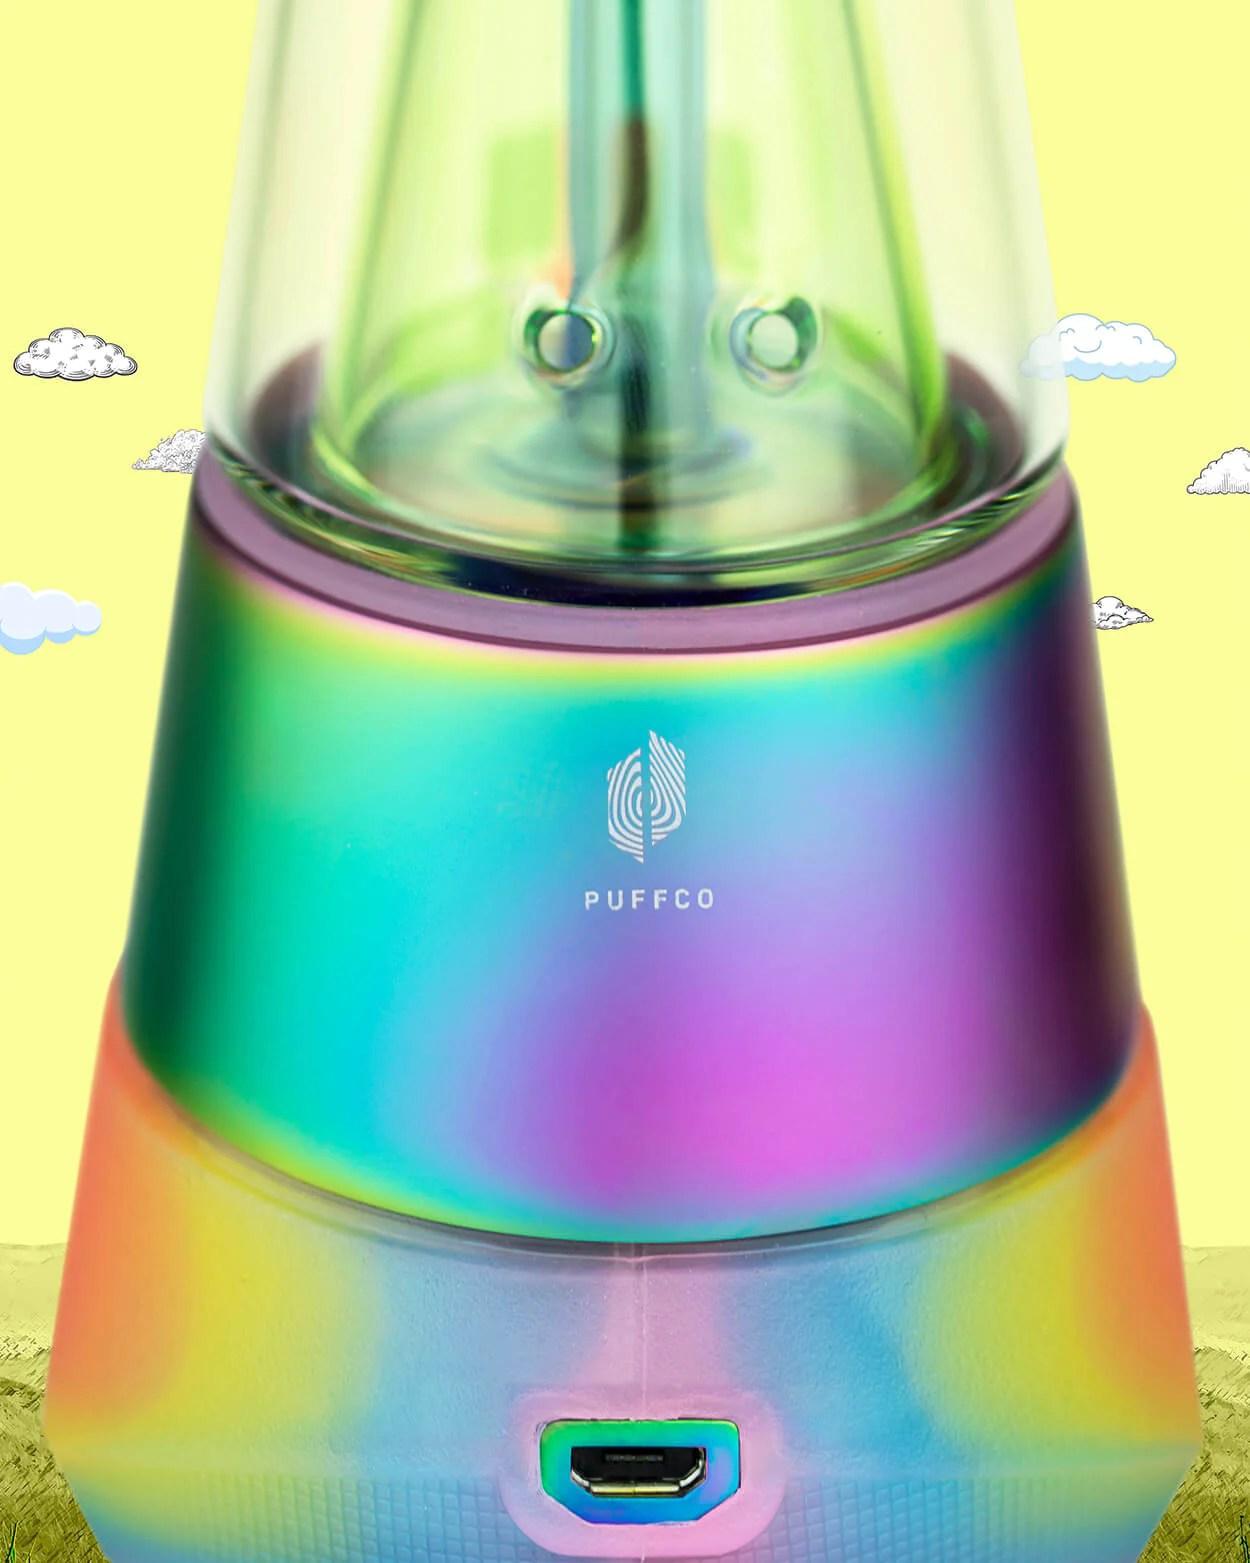 Puffco Peak Rainbow : puffco, rainbow, Puffco, Award, Winning, Concentrate, Vaporizer